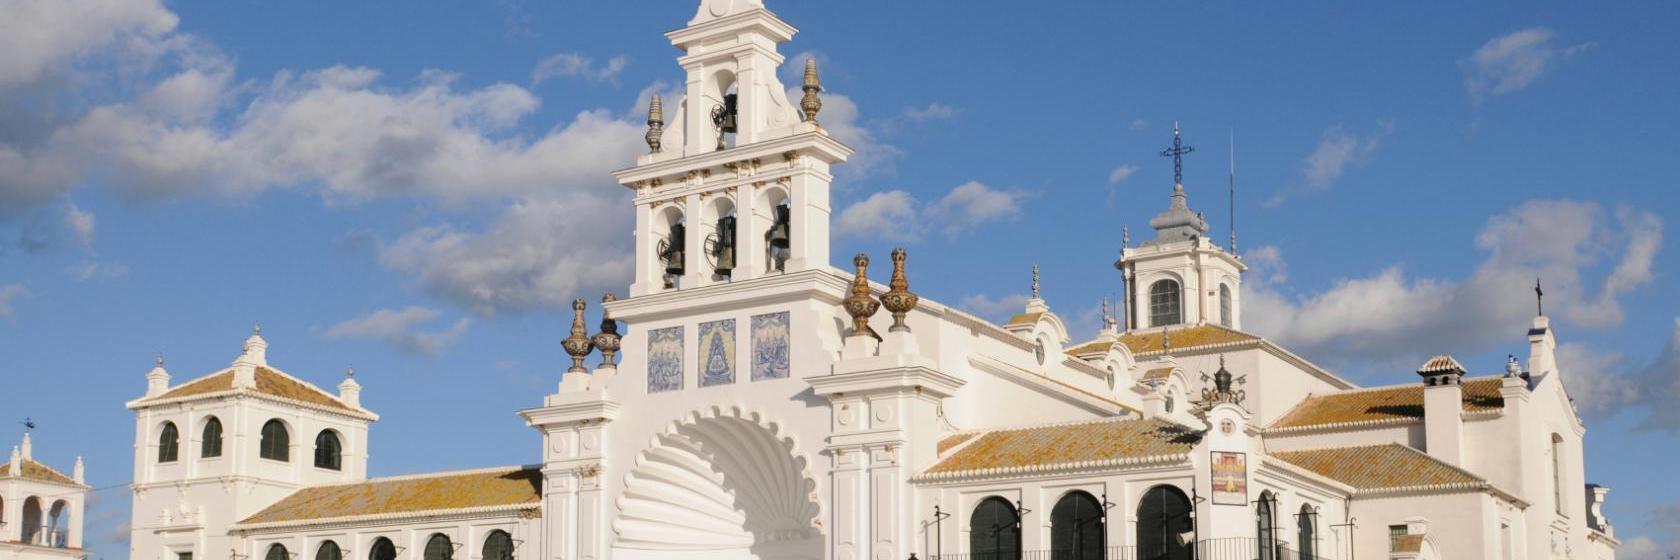 Los 10 mejores hoteles de Huelva, España (precios desde $ 1.967)